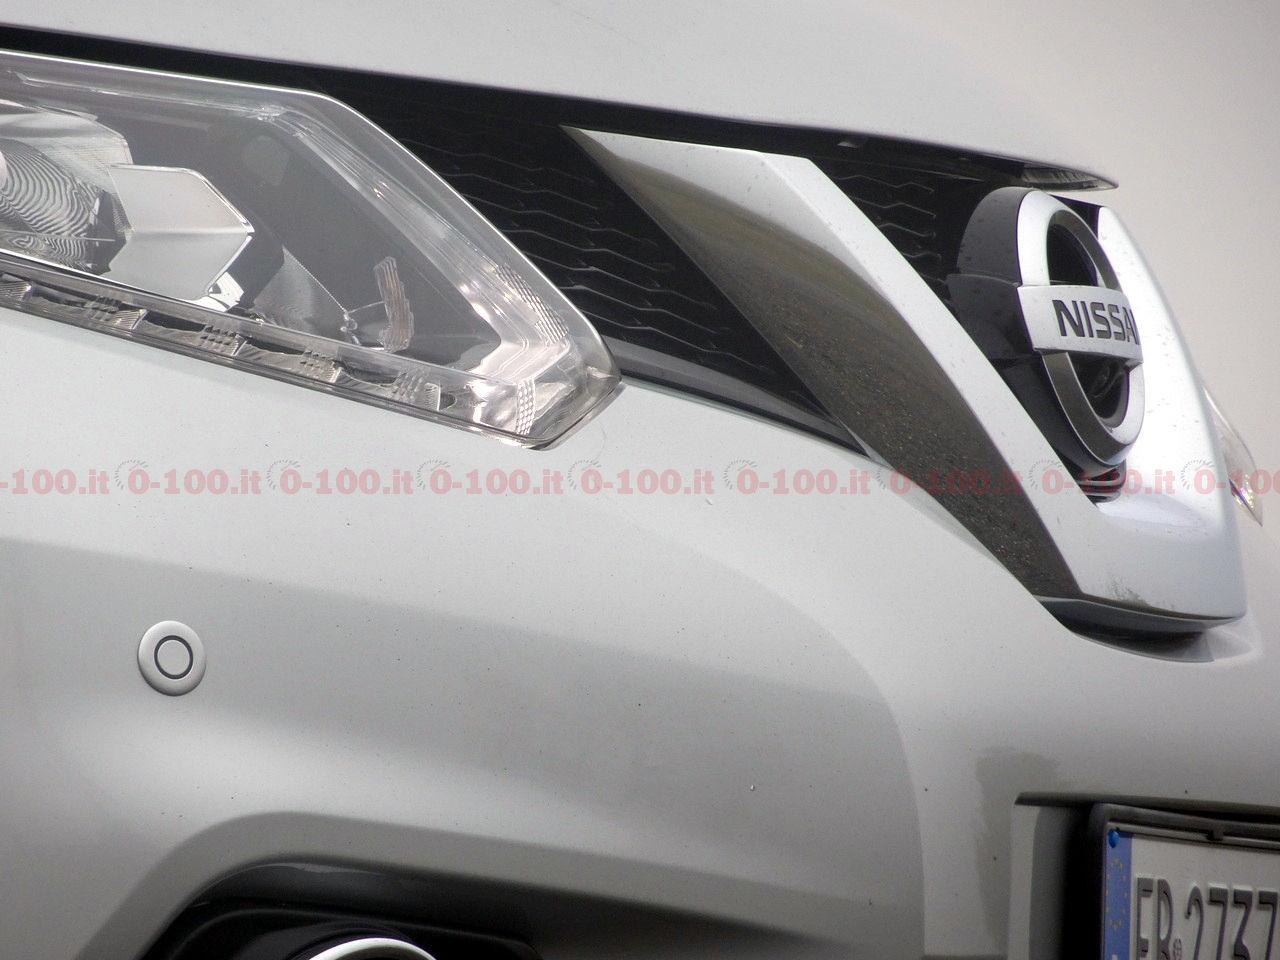 nissan-x-trail_dci-130-turbodiesel-tekna-test-drive-0-100_35